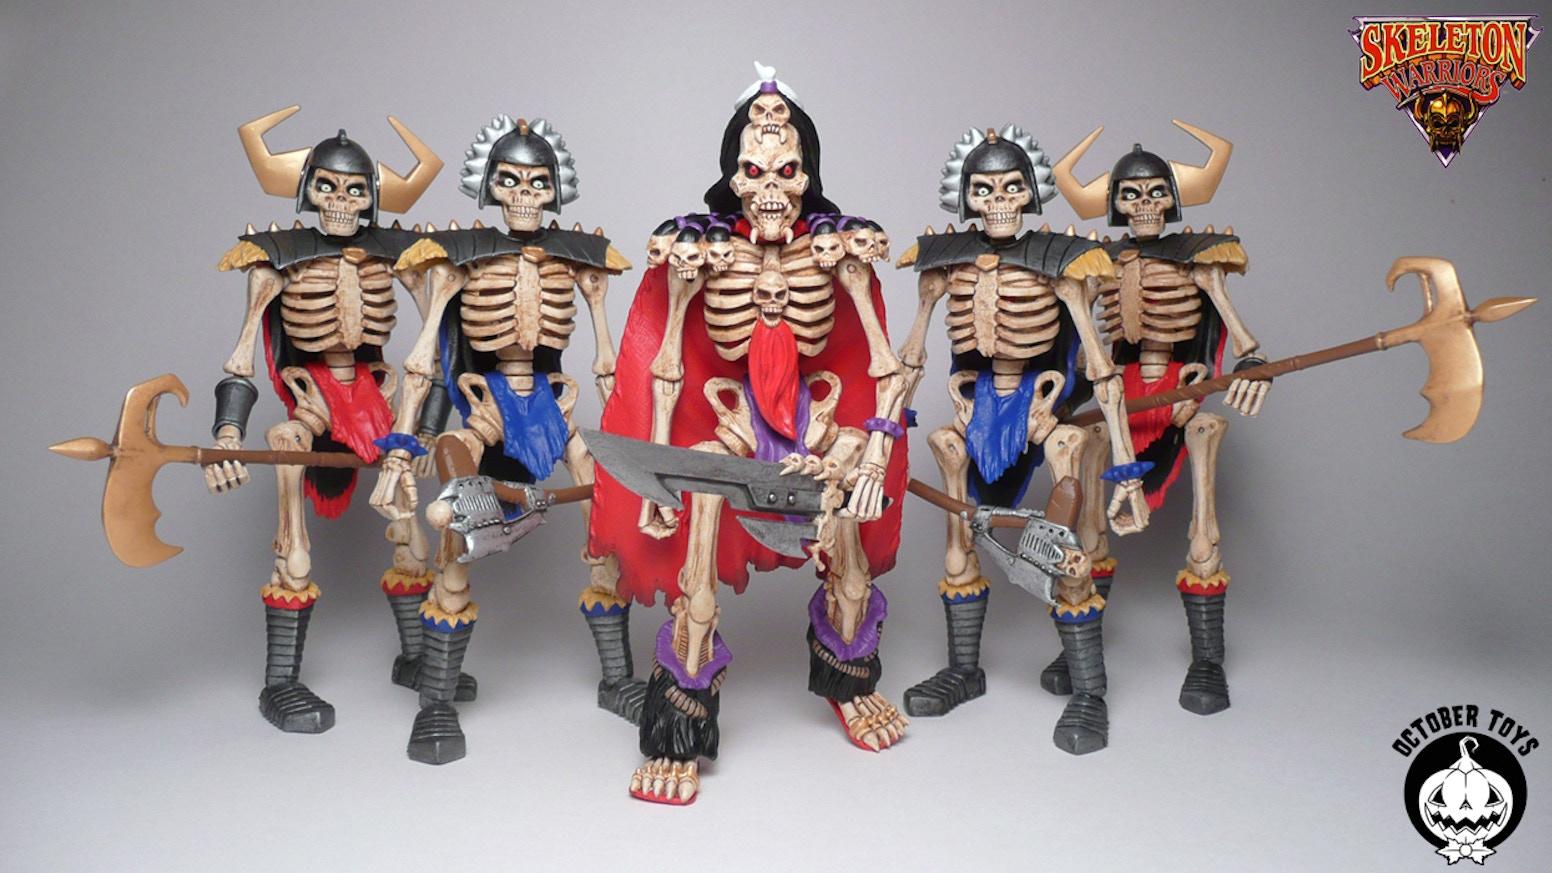 Skeleton Warriors Toys 2